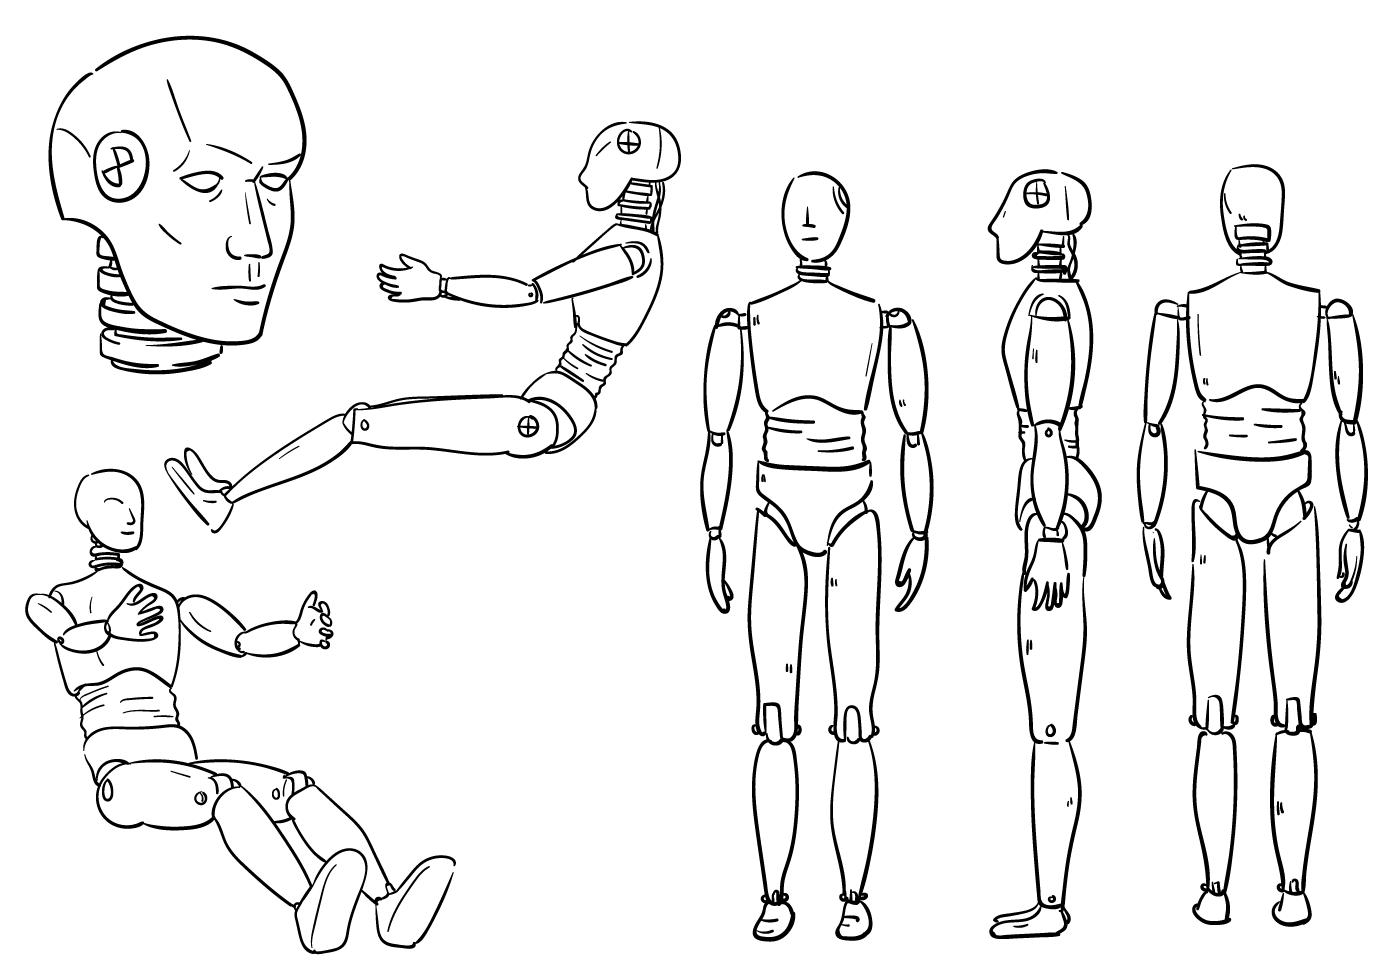 Crash dummy outlines